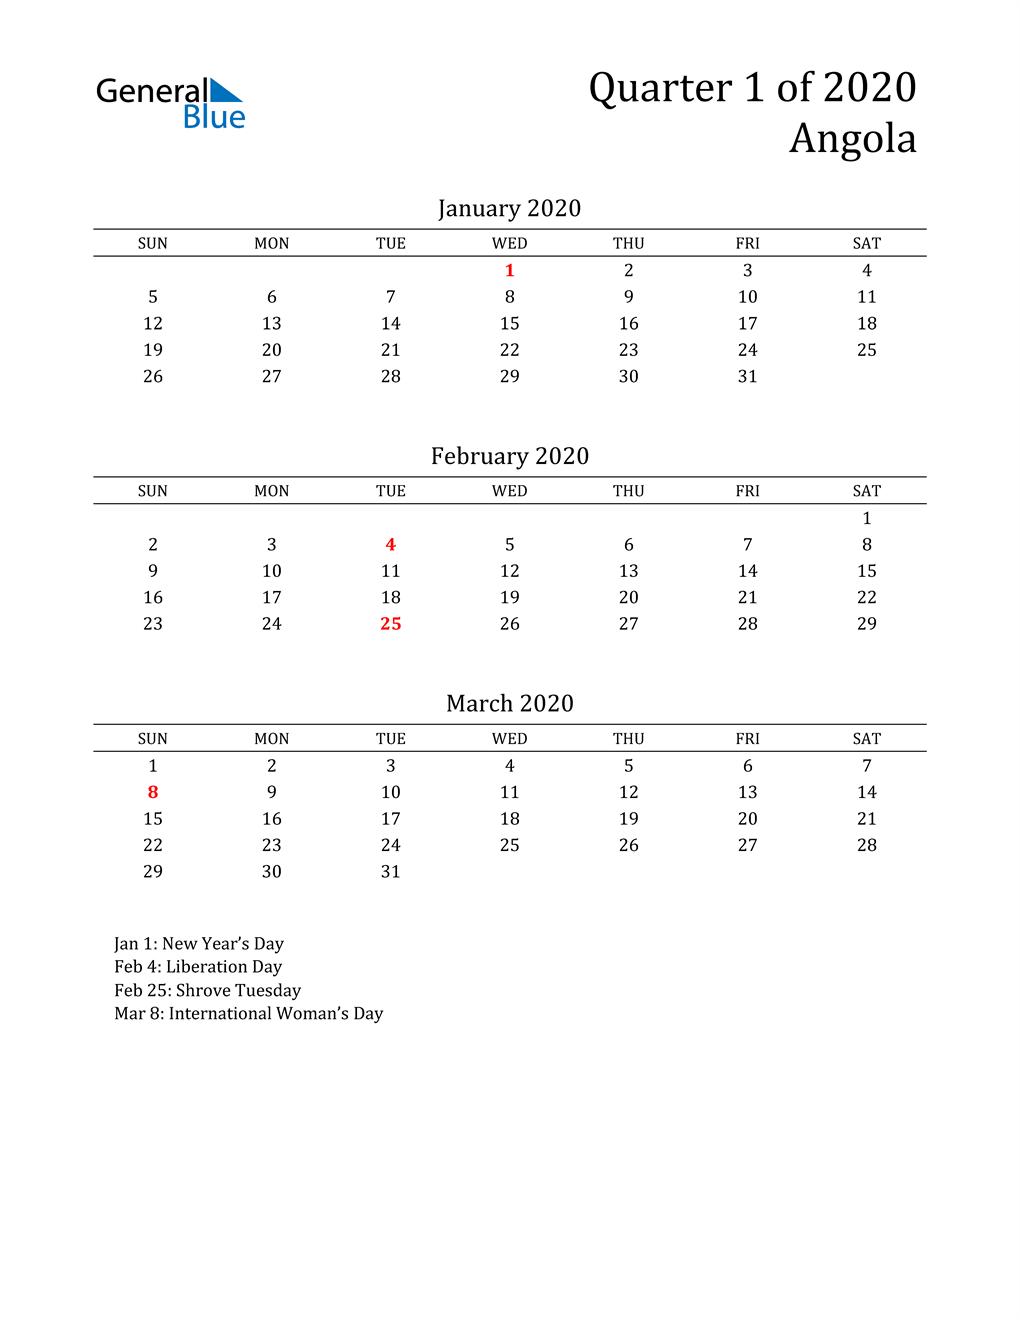 2020 Angola Quarterly Calendar